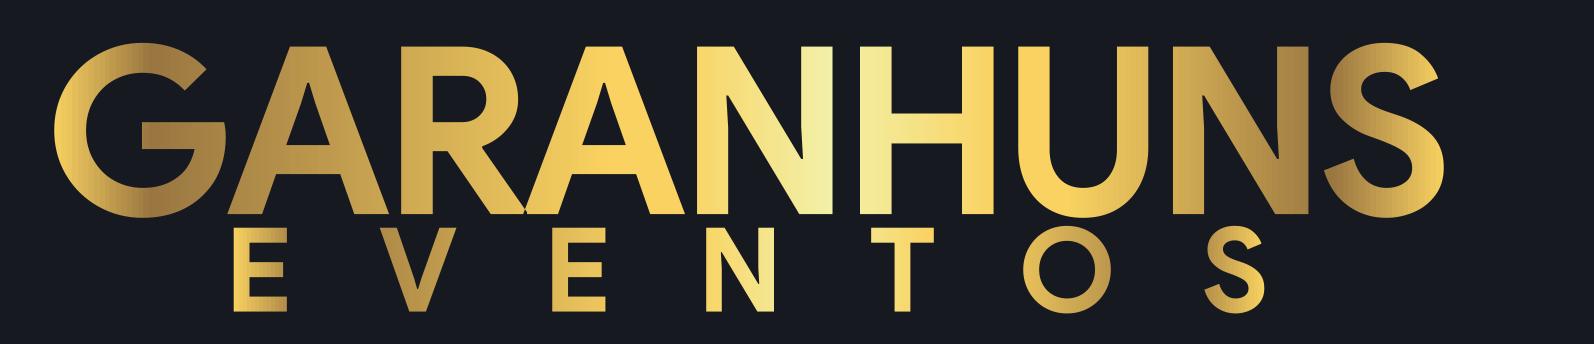 Garanhuns Eventos - Ge Entretenimento